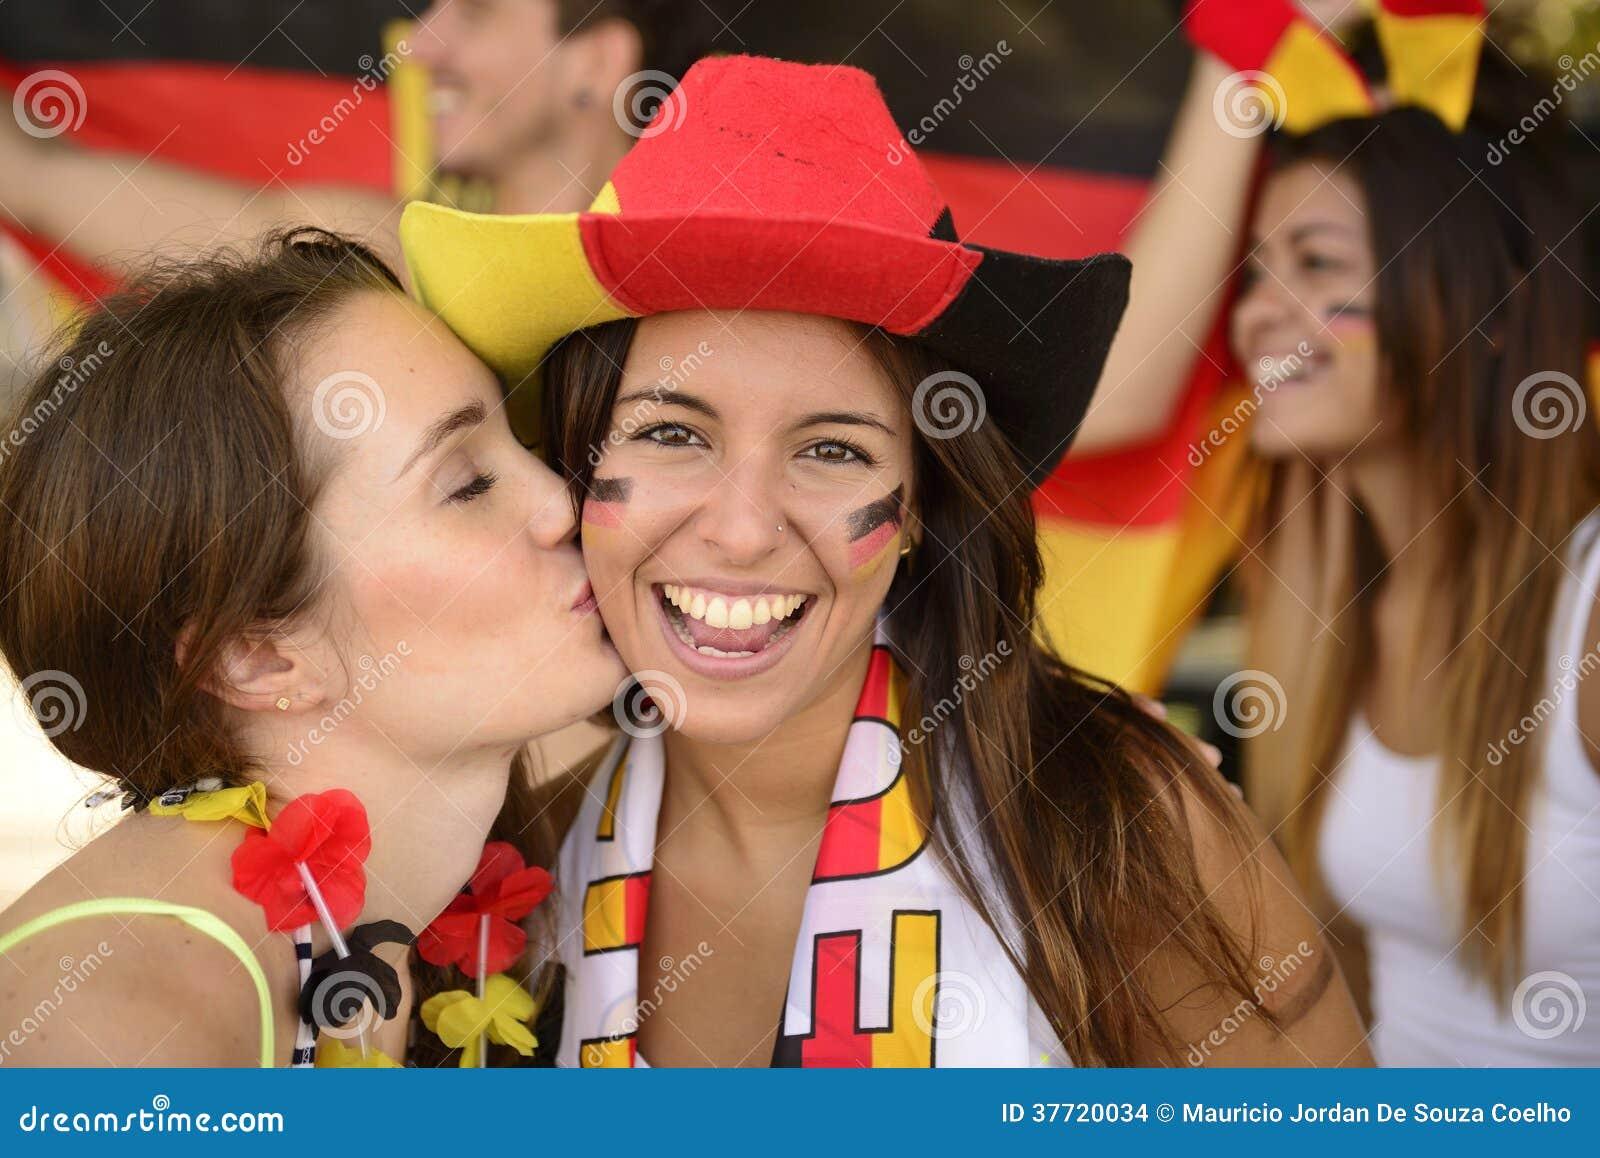 Aficionados deportivos alemanes del fútbol que besan la celebración.